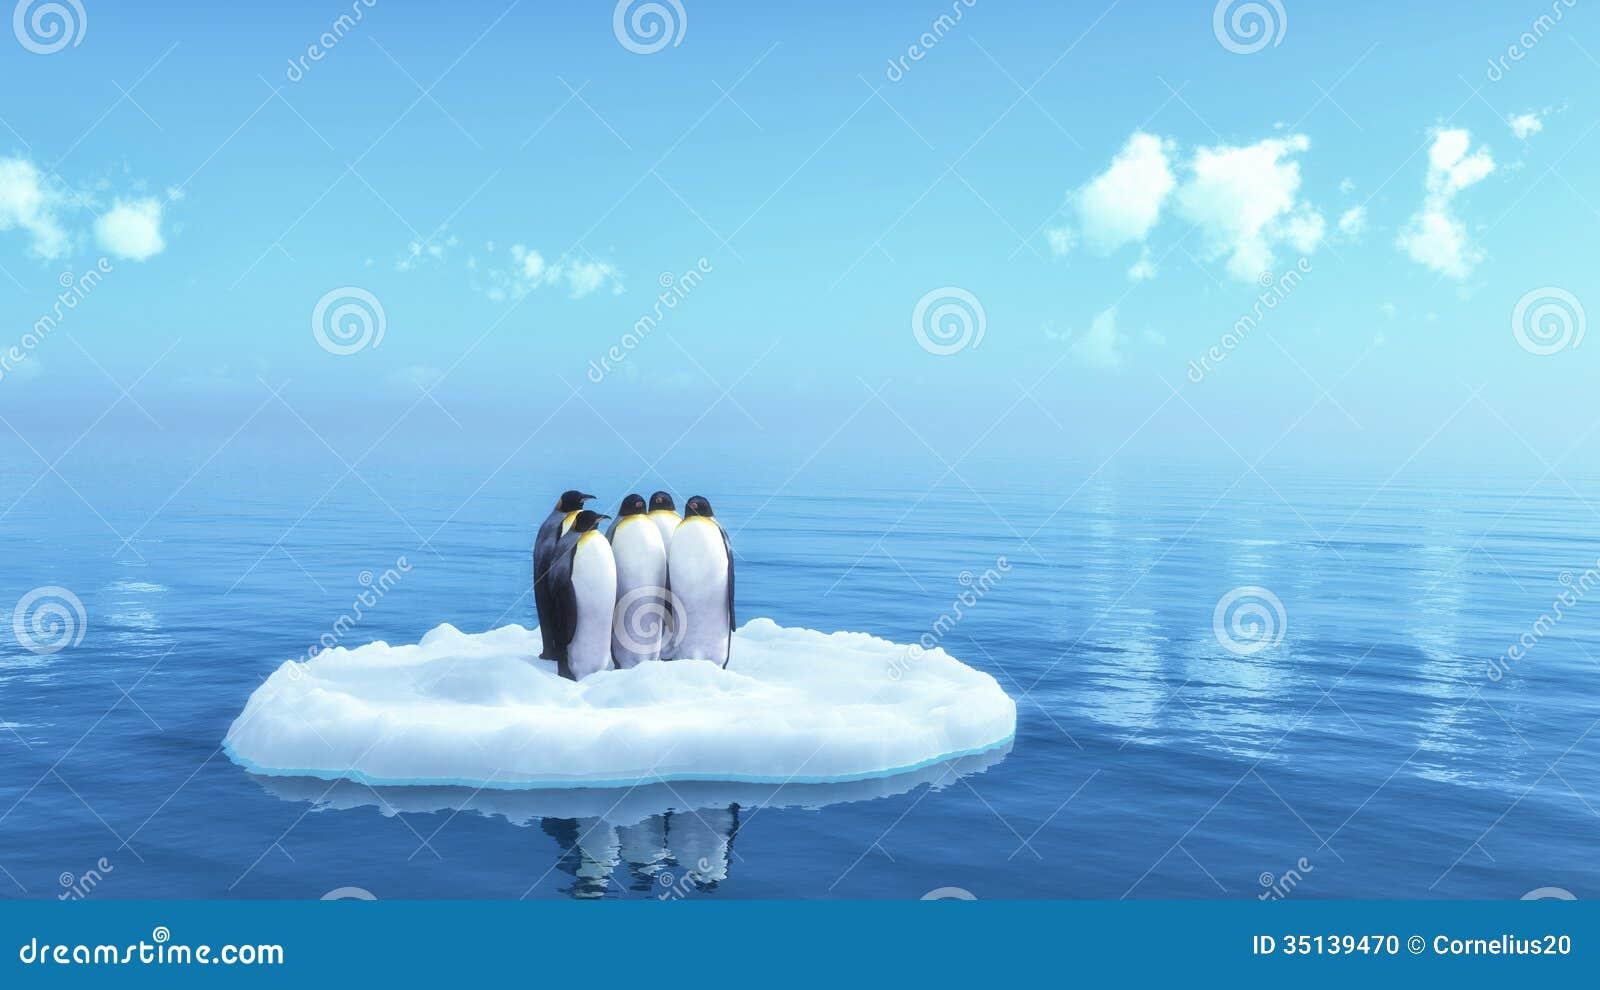 Penguins Stock Photo - Image: 35139470